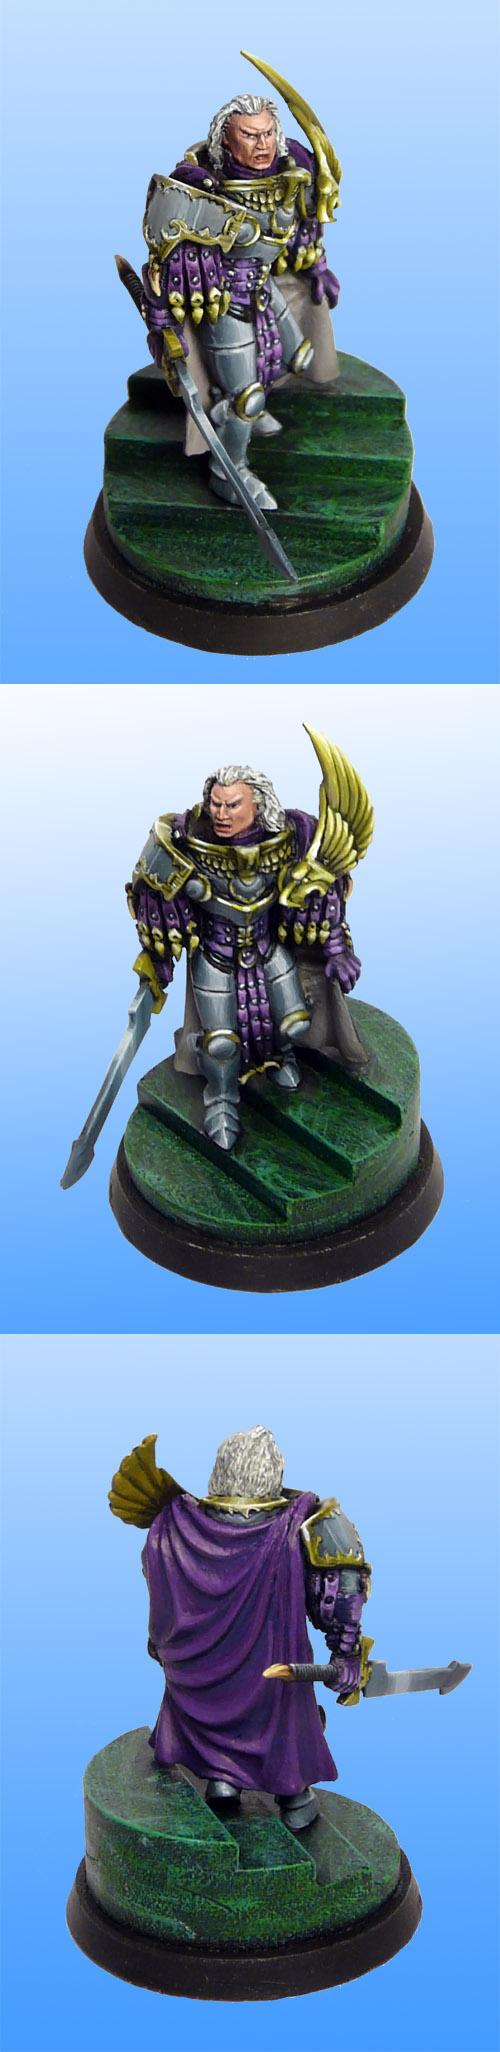 Fulgrim, Emperor's Children Primarch